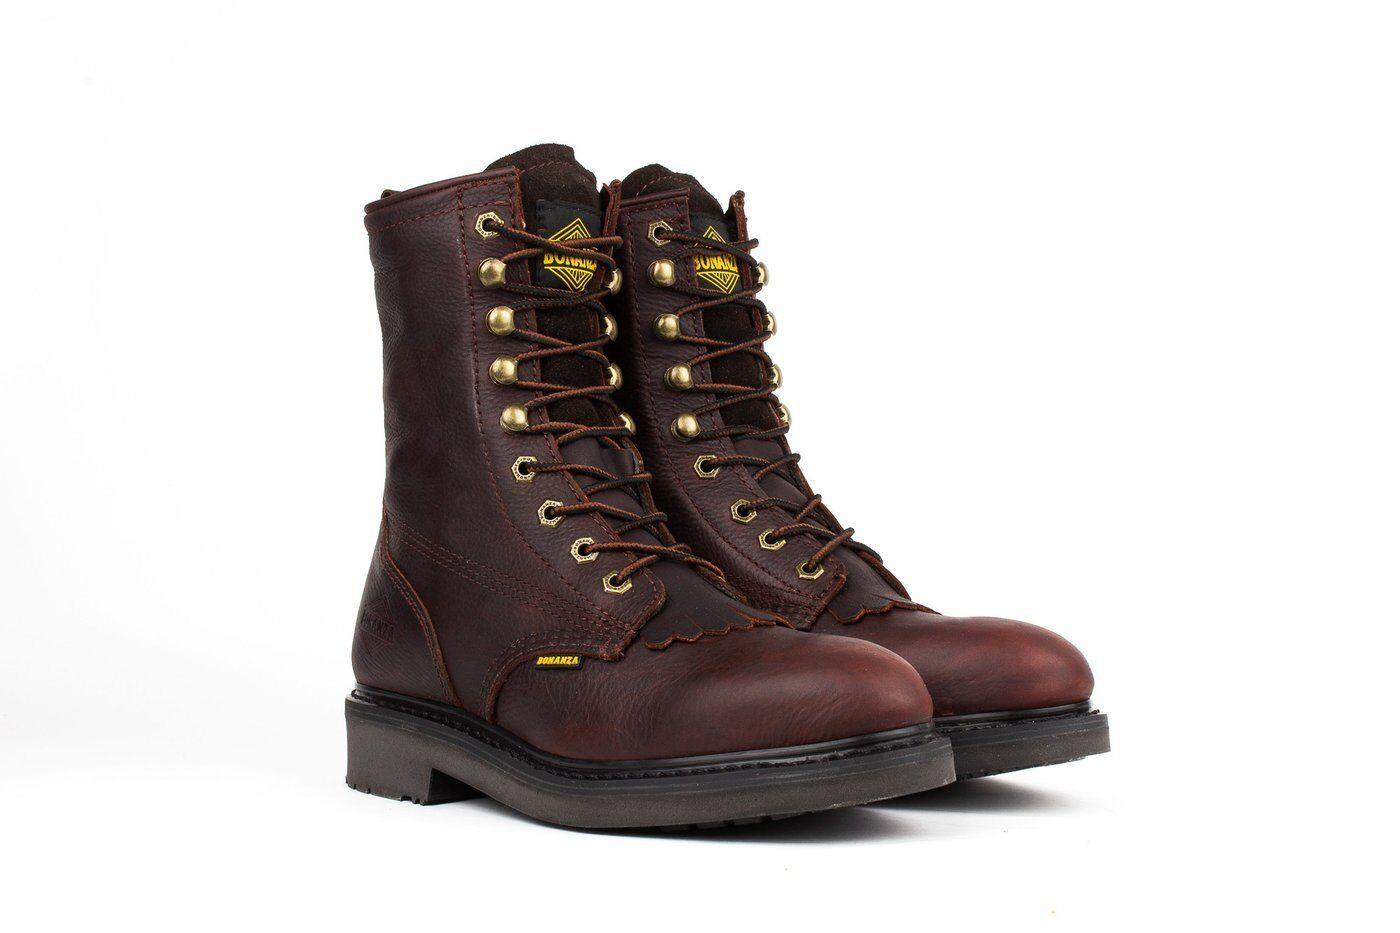 Bonanza Stiefel T817 Kiltie Lacer Goodyear Welt Construction Steel Toe 8